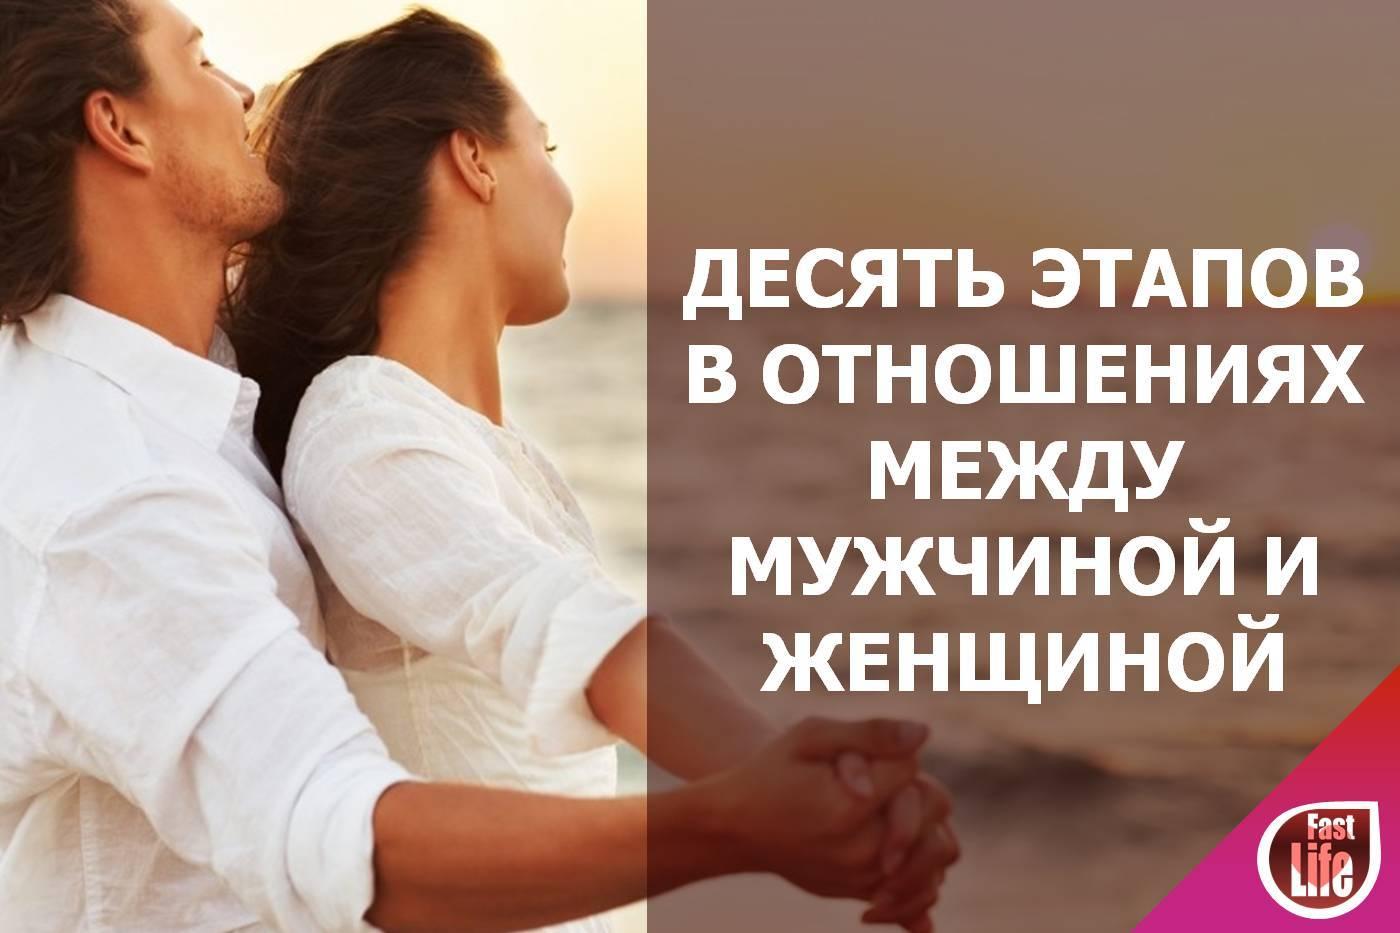 Отношения ради отношений – психология без соплей